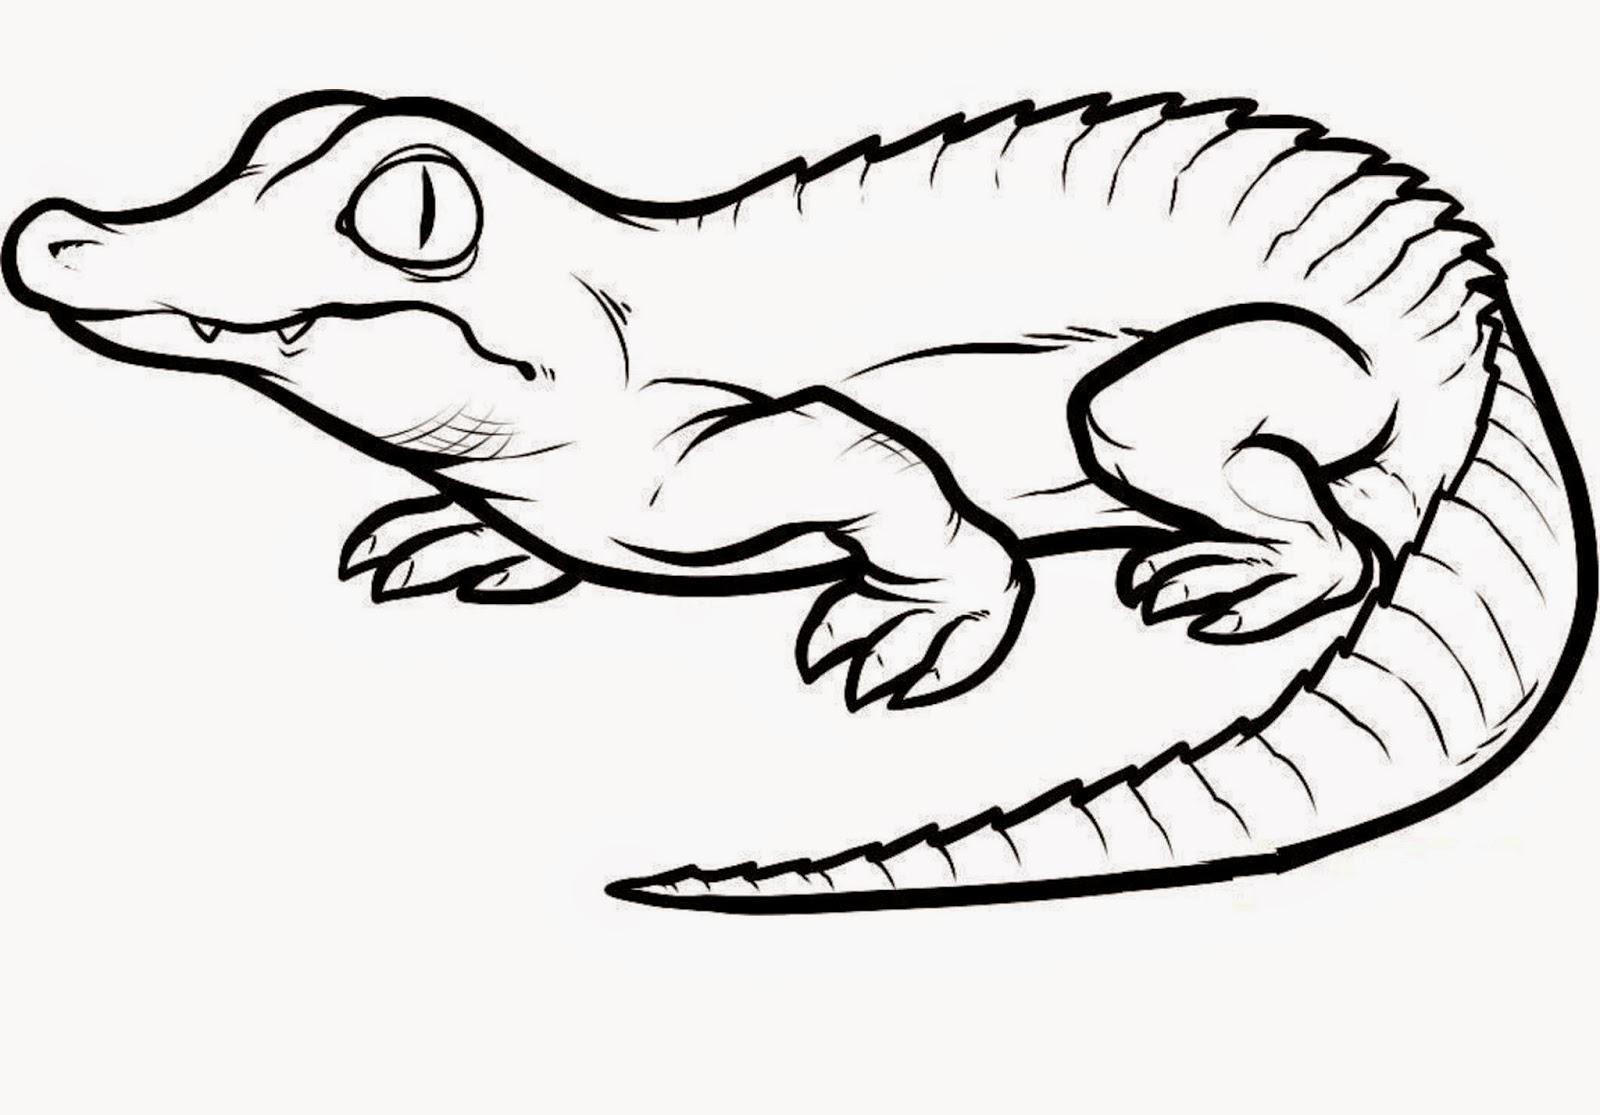 1600x1115 Crocodiles Colour Drawing Hd Wallpaper Proyecto Los Anfibios Y